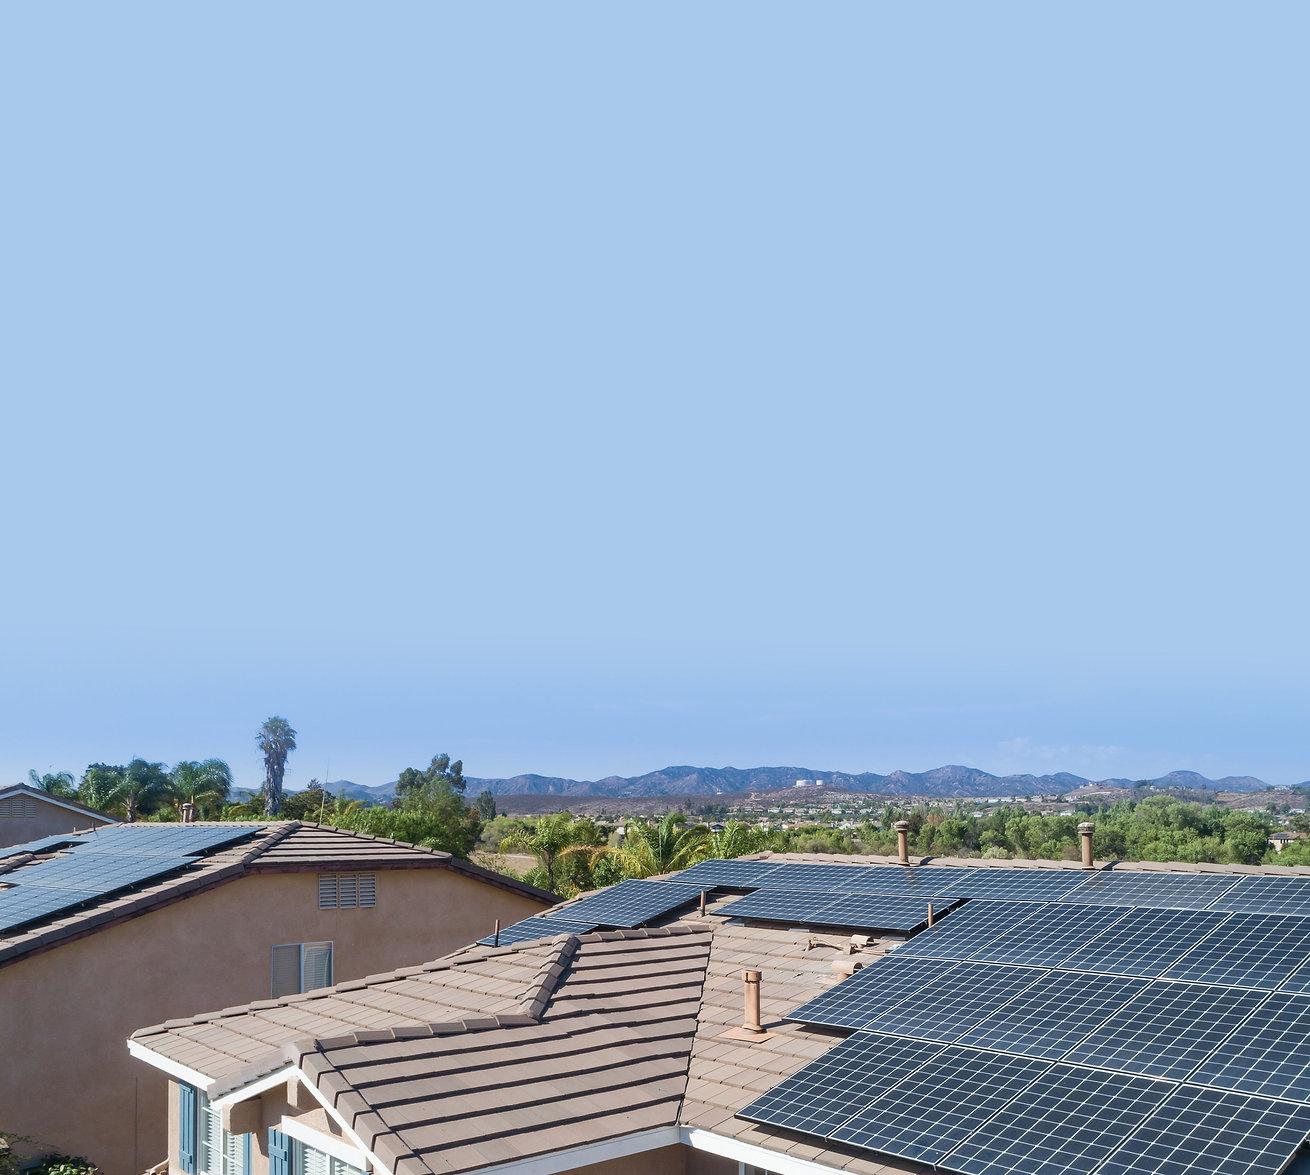 solar_home_landscape_long.jpg